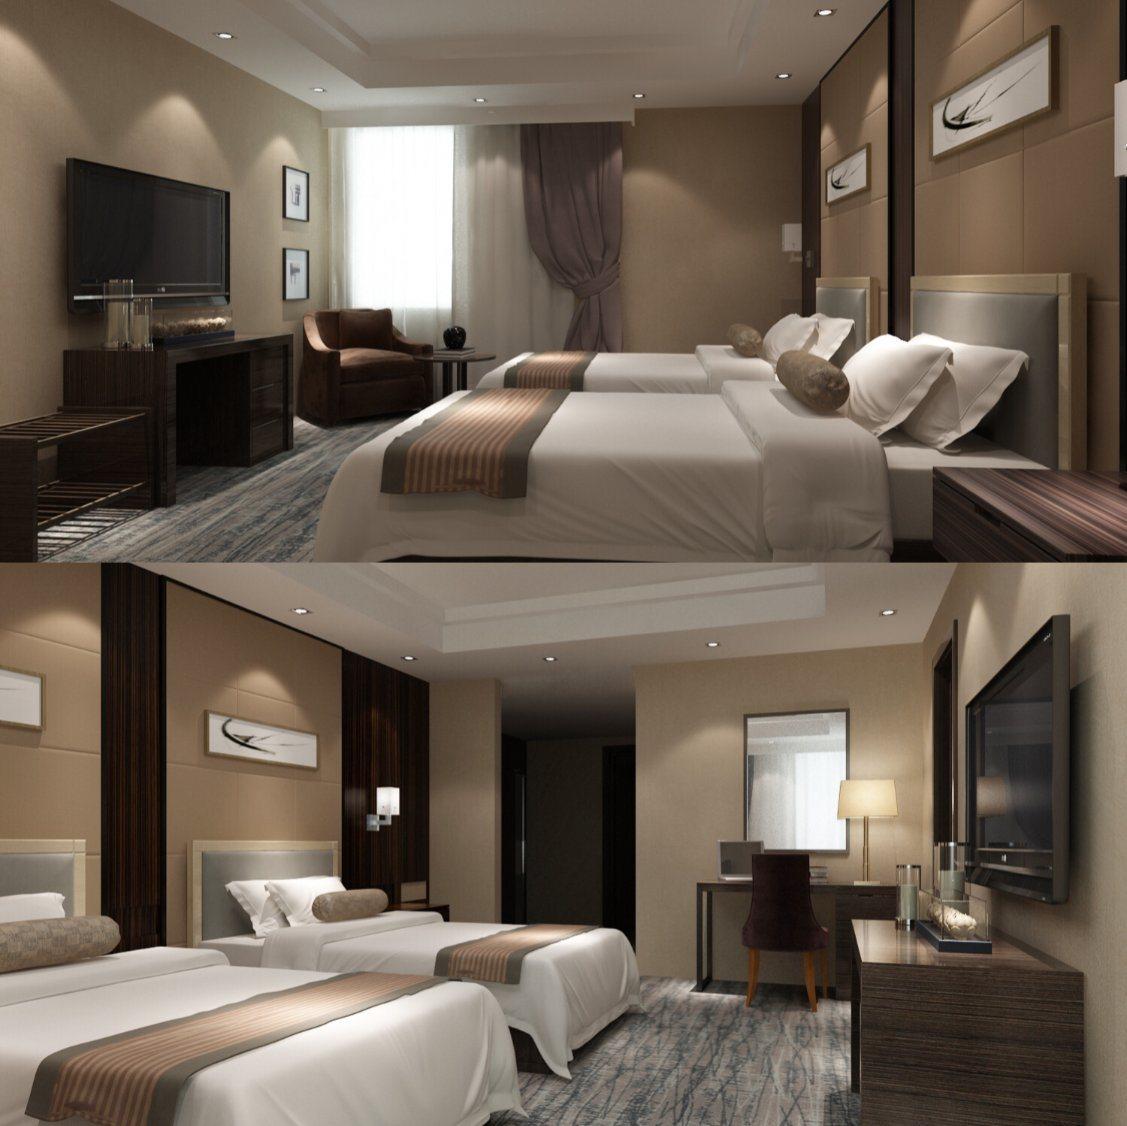 Mobilia dell\'hotel/doppia mobilia di lusso della camera da letto ...